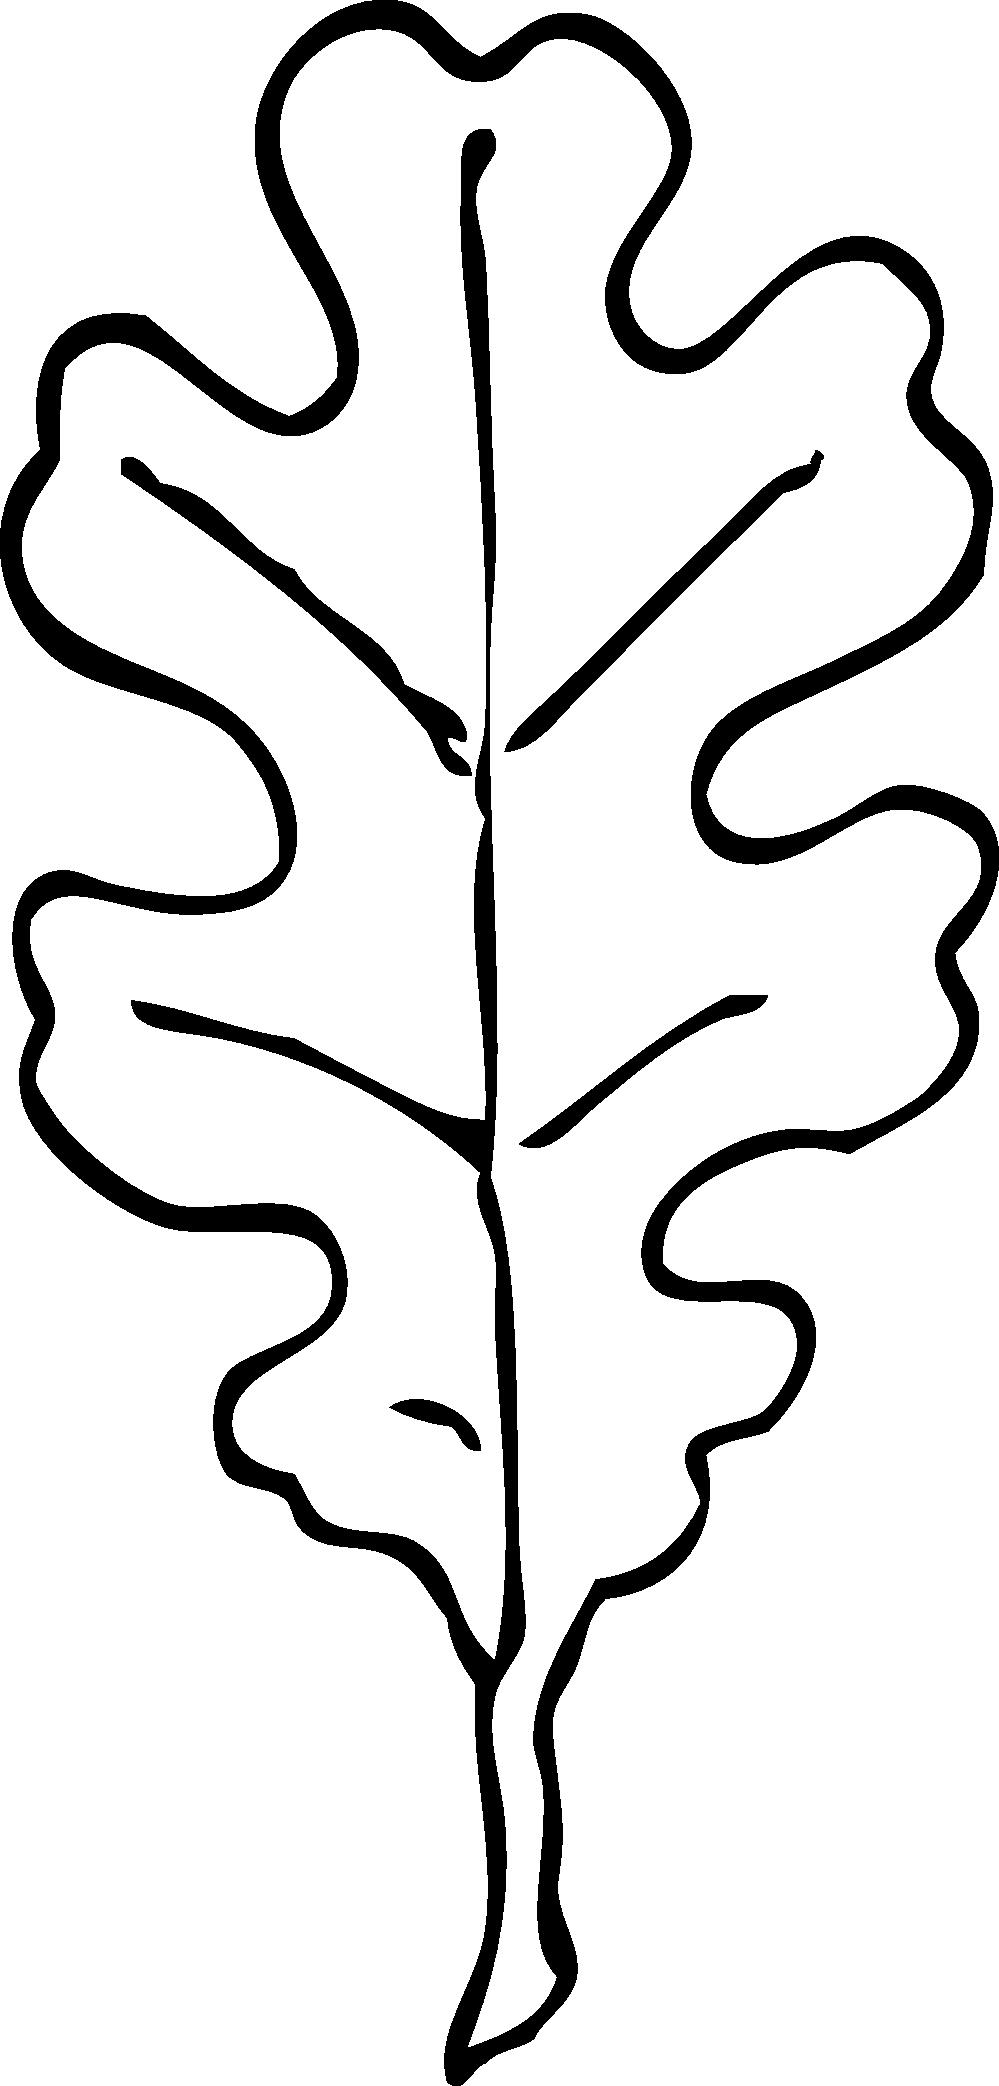 Basic black and white oak leaf clipart